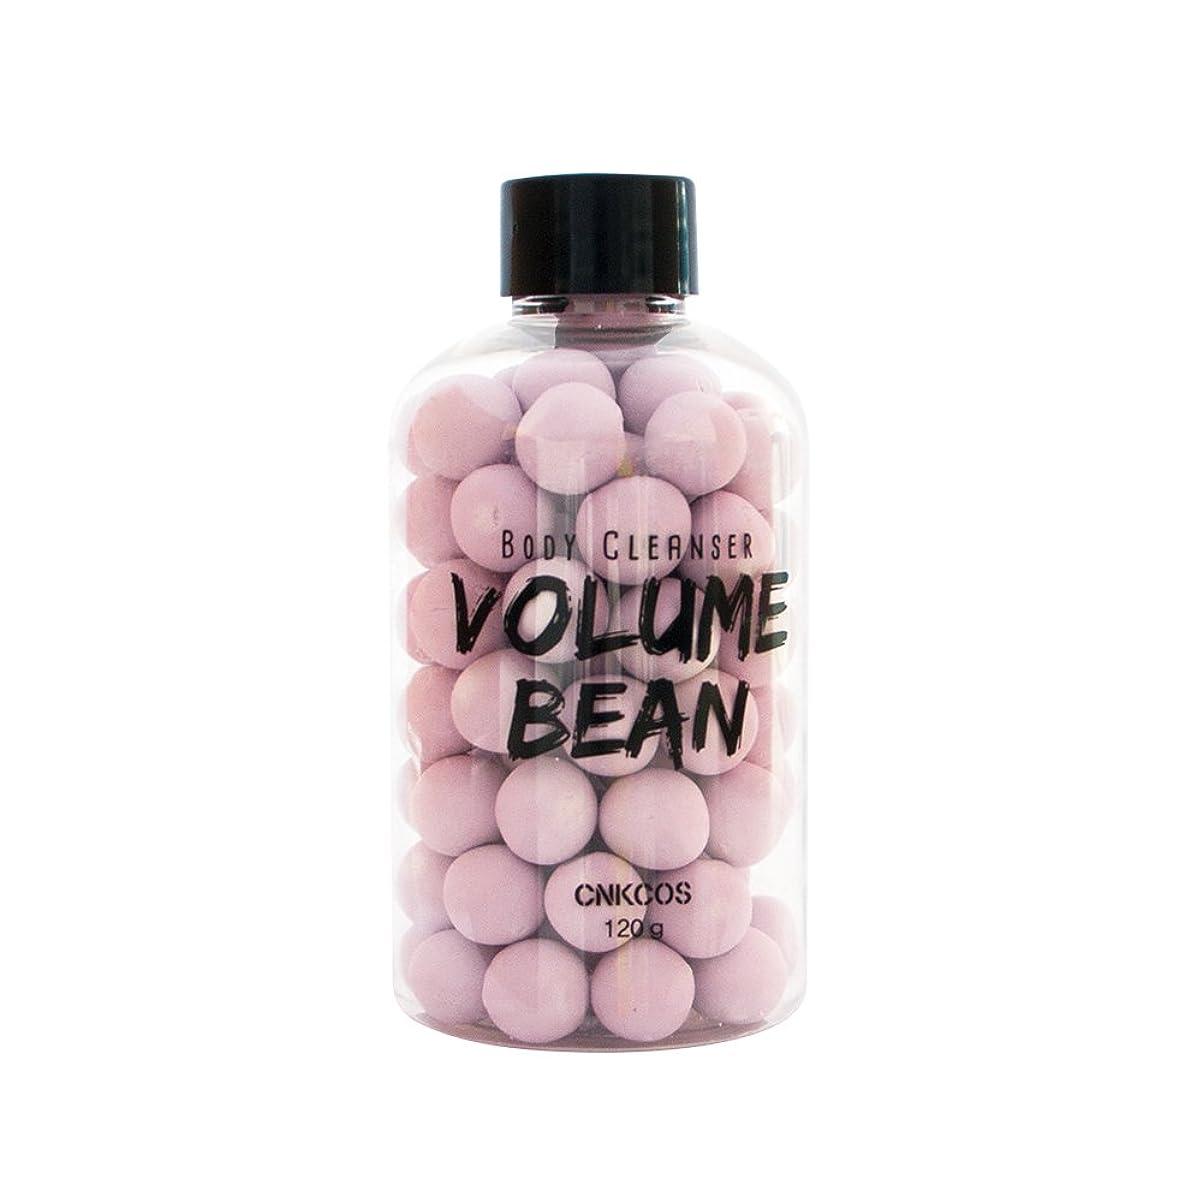 他の場所呼吸派手ボリュームビーン Volume Bean 120g